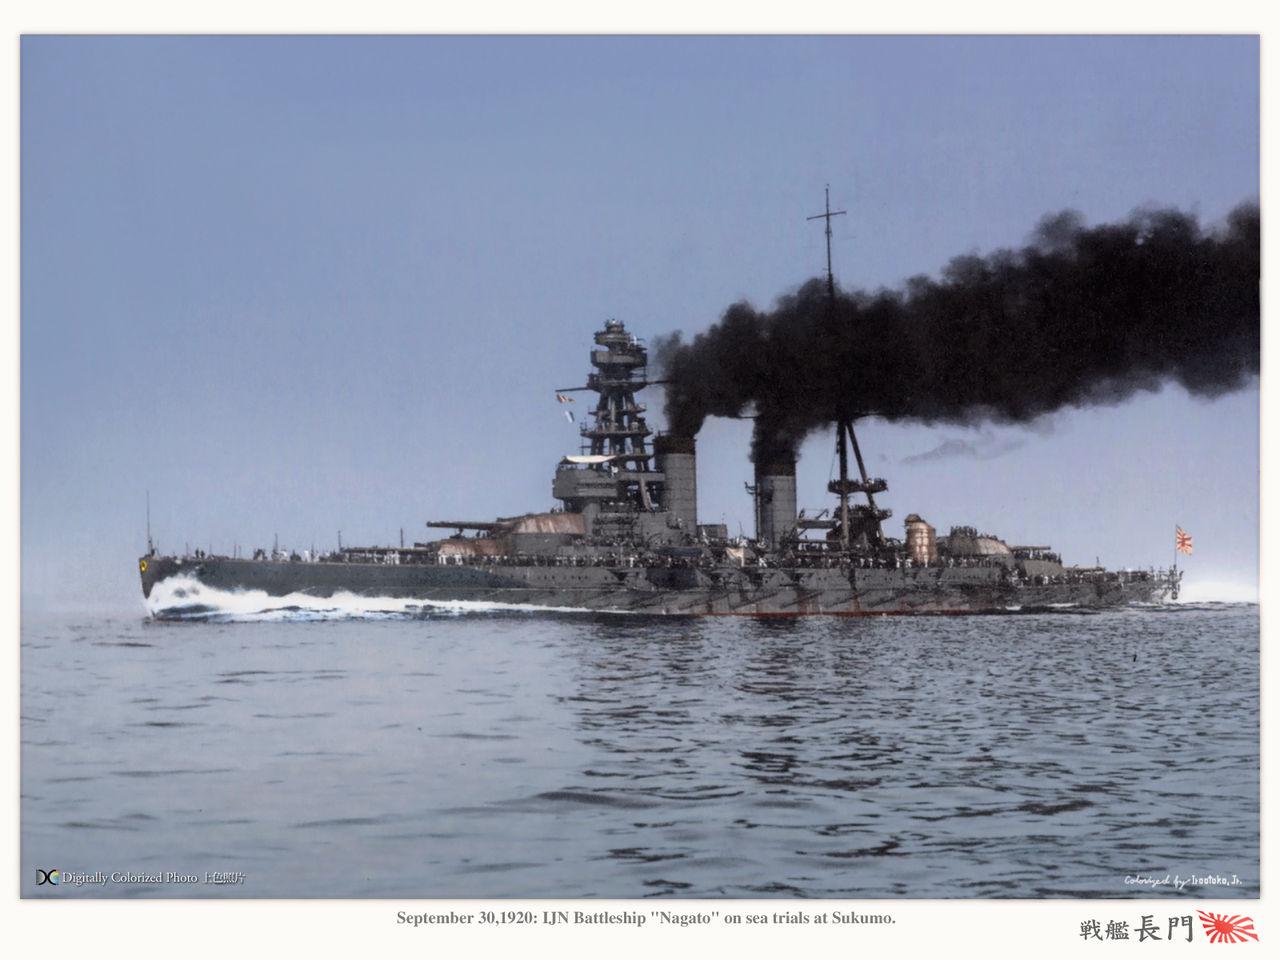 日本の戦艦長門の壁紙